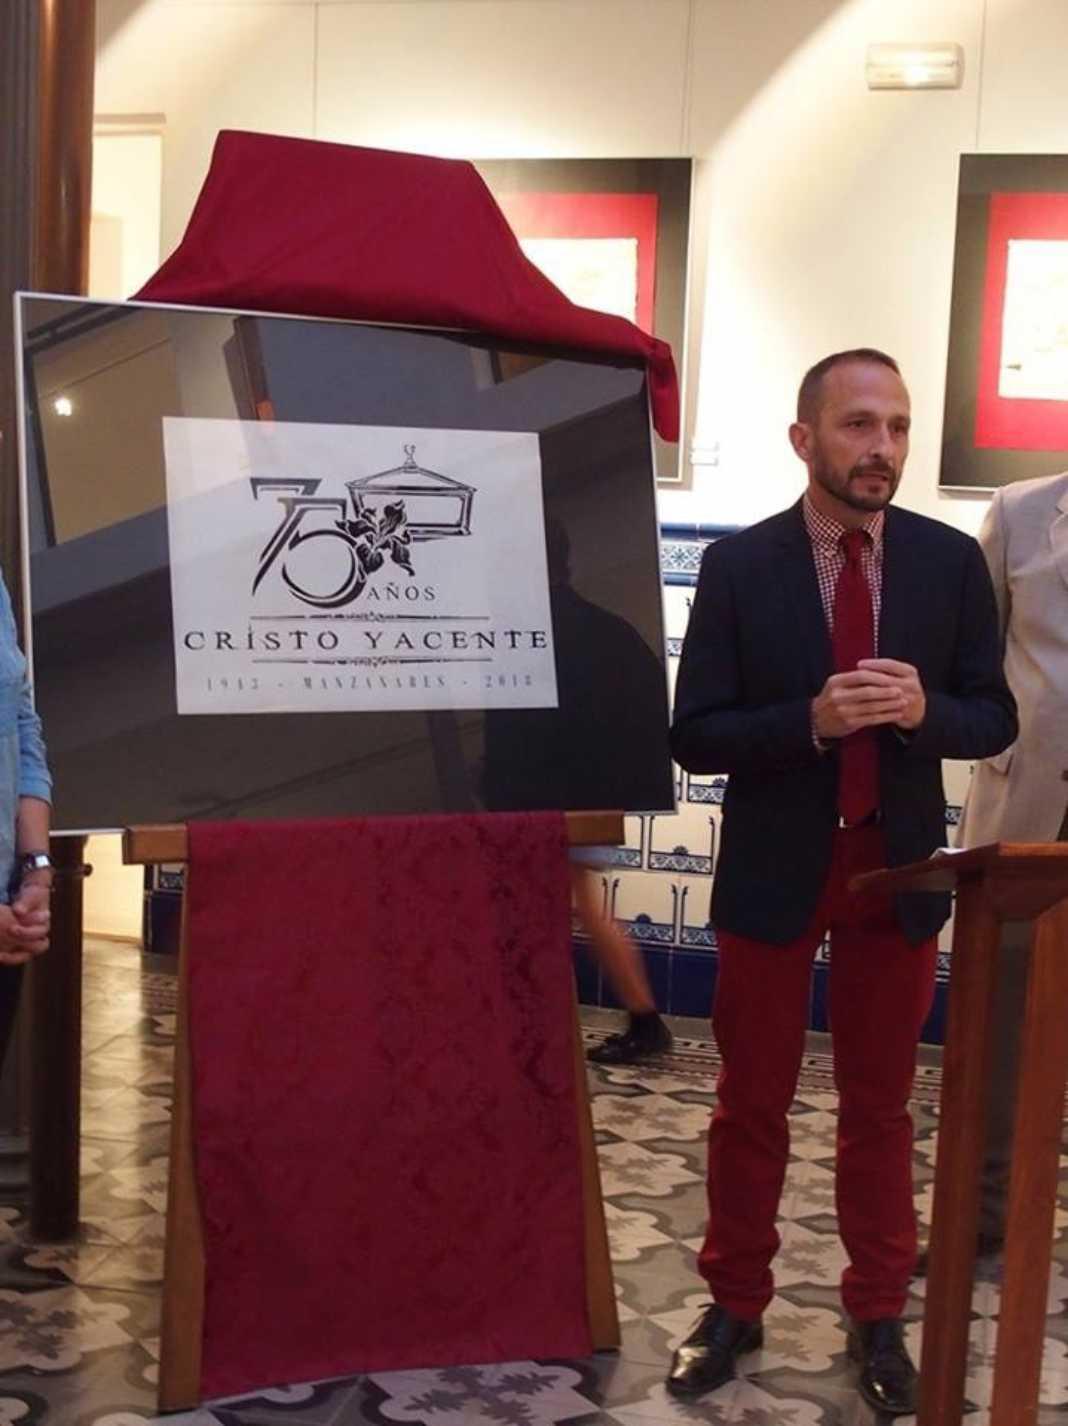 Rafael Garrigós realiza el logo conmemorativo del 75 aniversario del Cristo Yacente de Manzanares 9